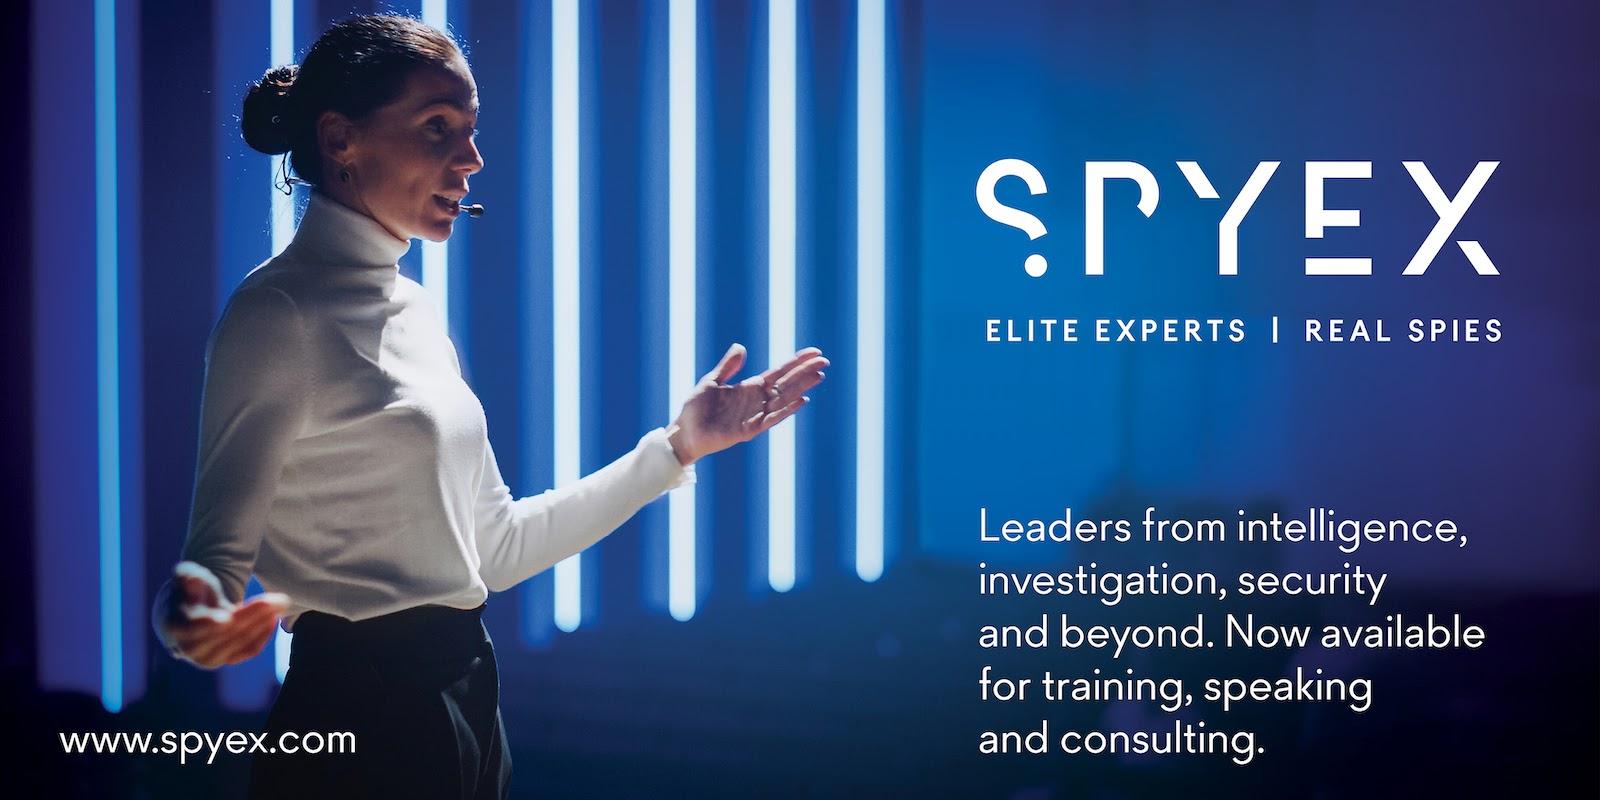 www.spyex.com